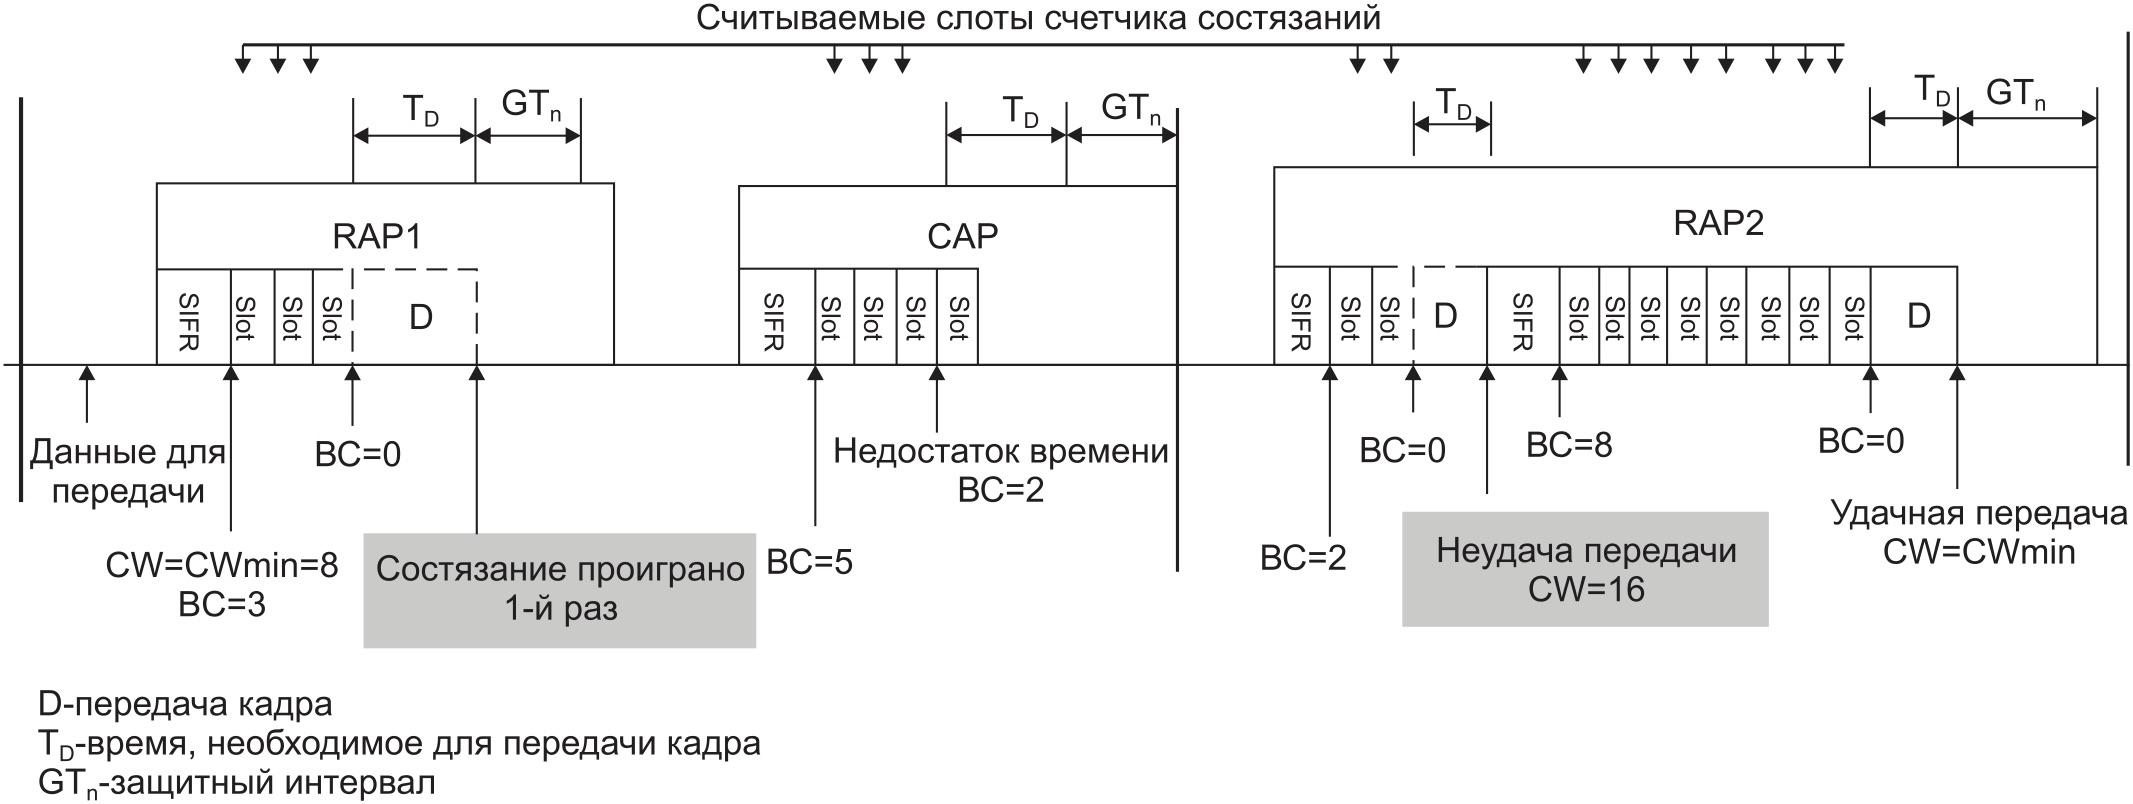 Доступ узла к сети по технологии CSMA/CA (D — передача кадра; TD — время, необходимое для передачи кадра; GTn — защитный интервал)